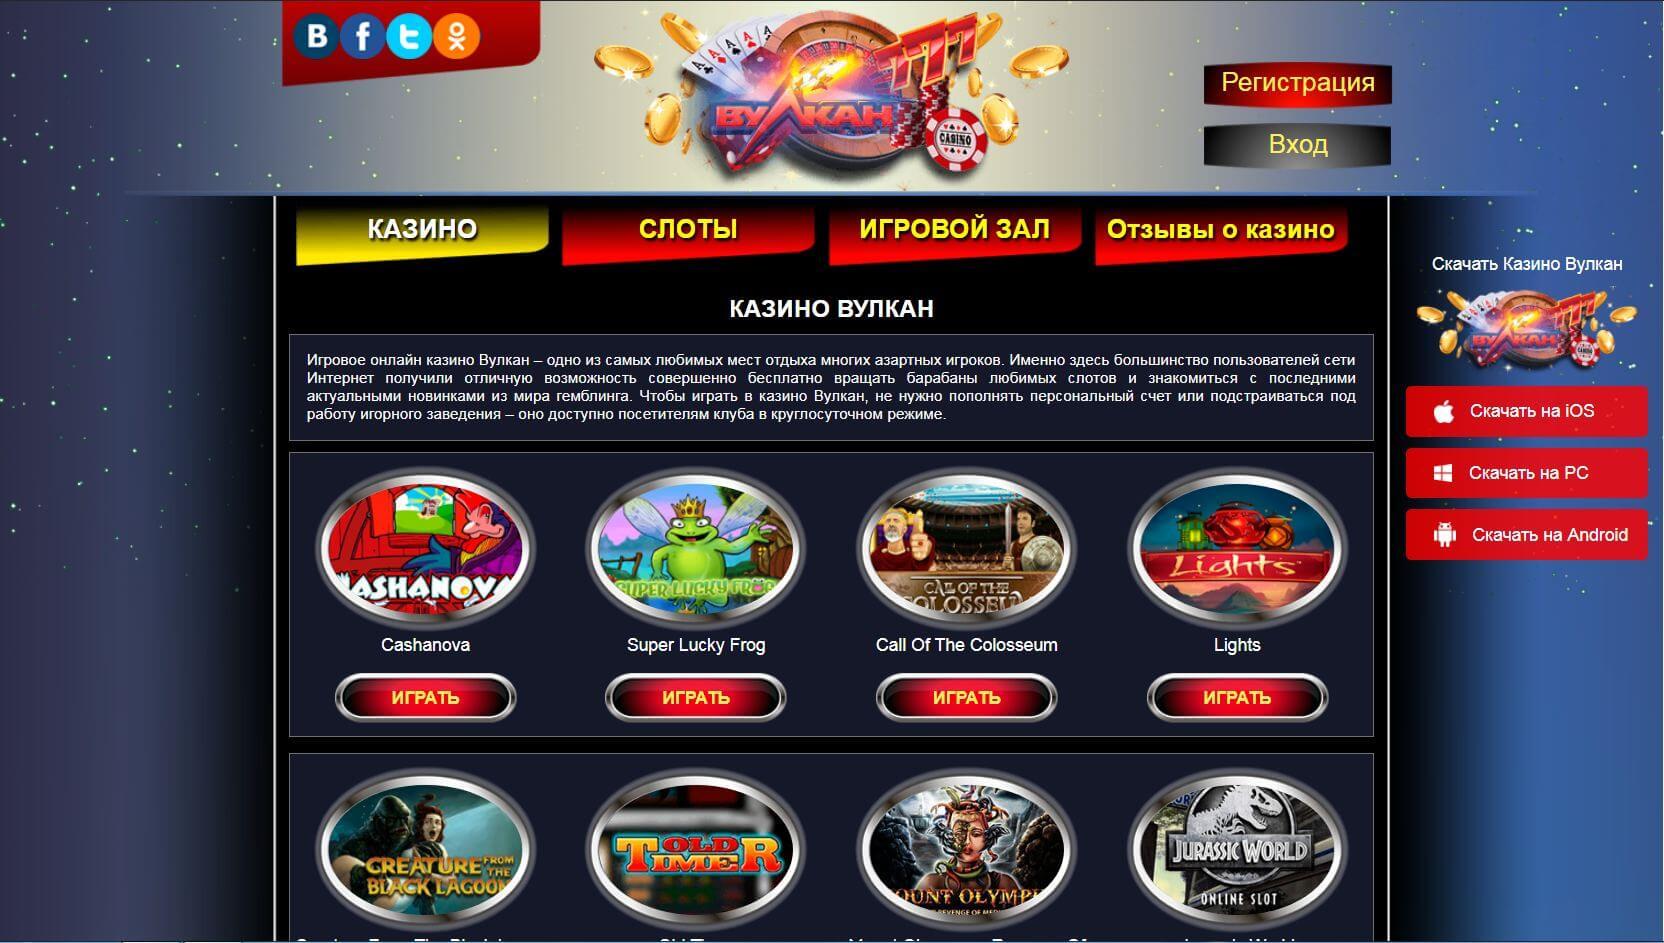 Поиграть в игровые автоматы бесплатно диван фортуна игровые автоматы корона бесплатно и без регистрации